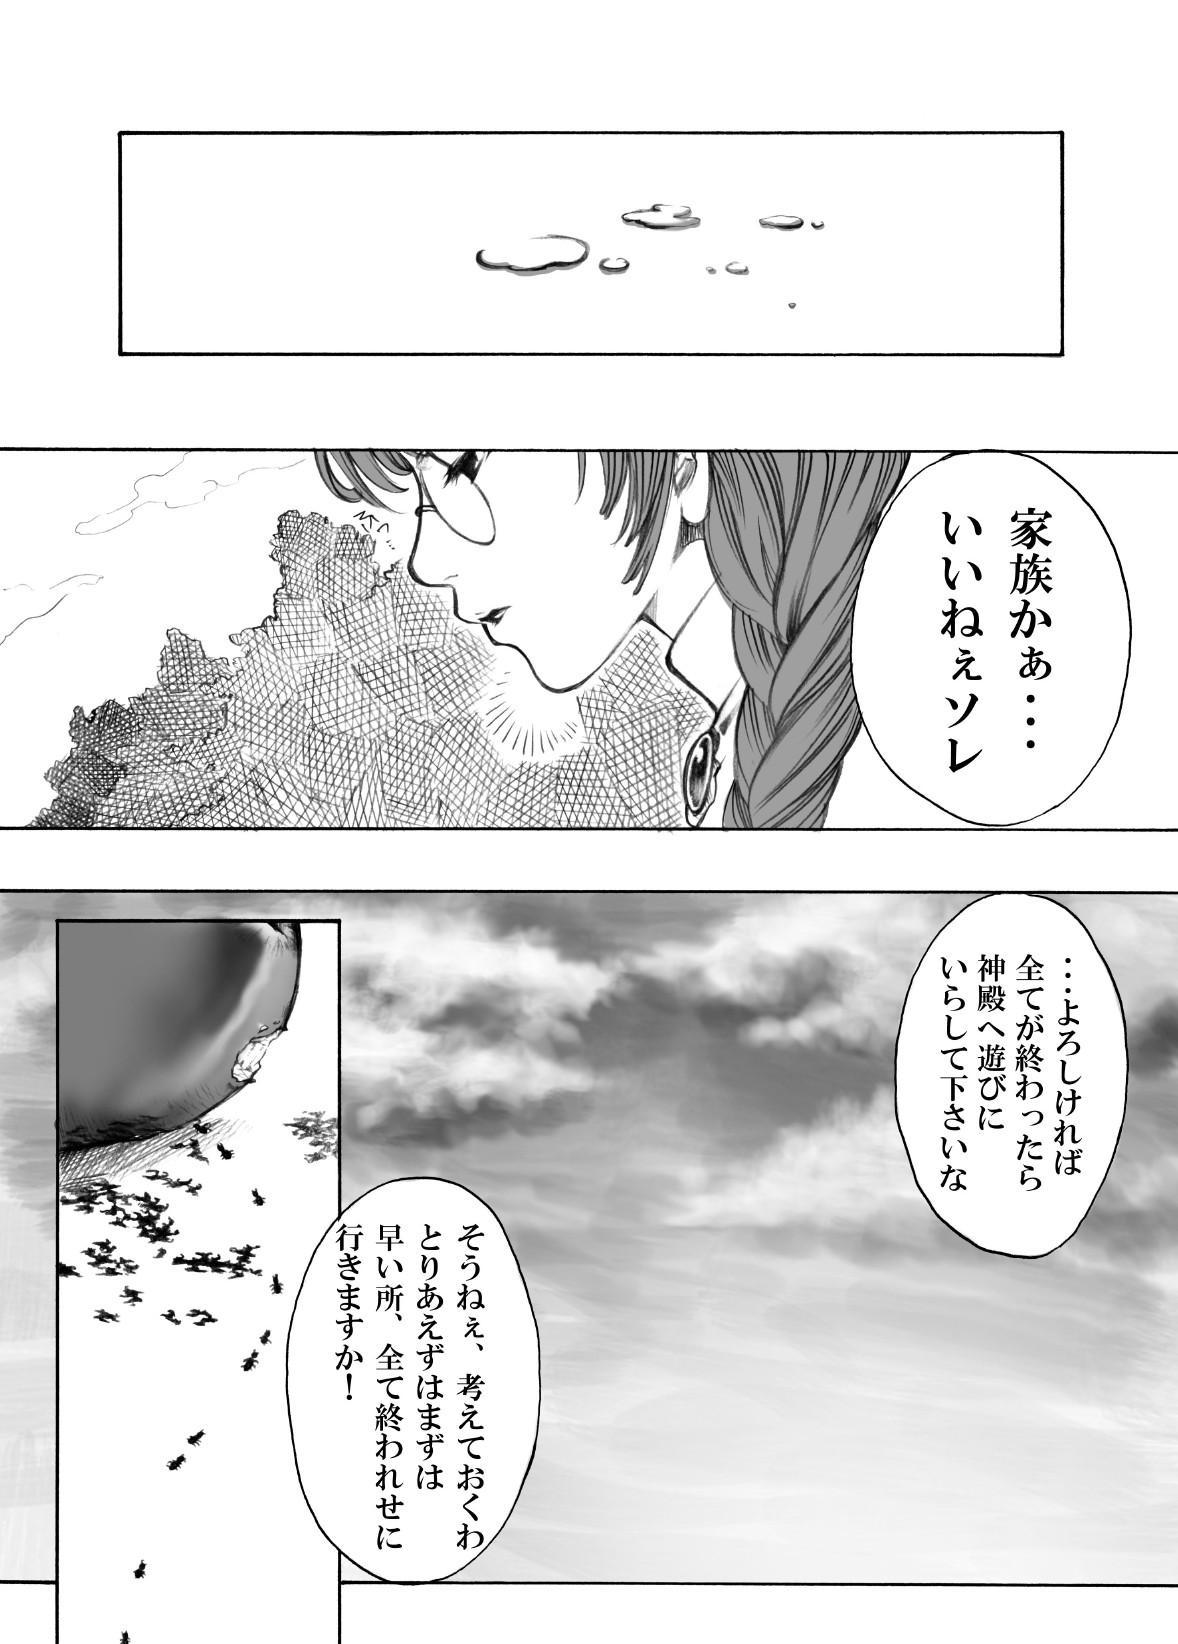 Tales no toriko 41